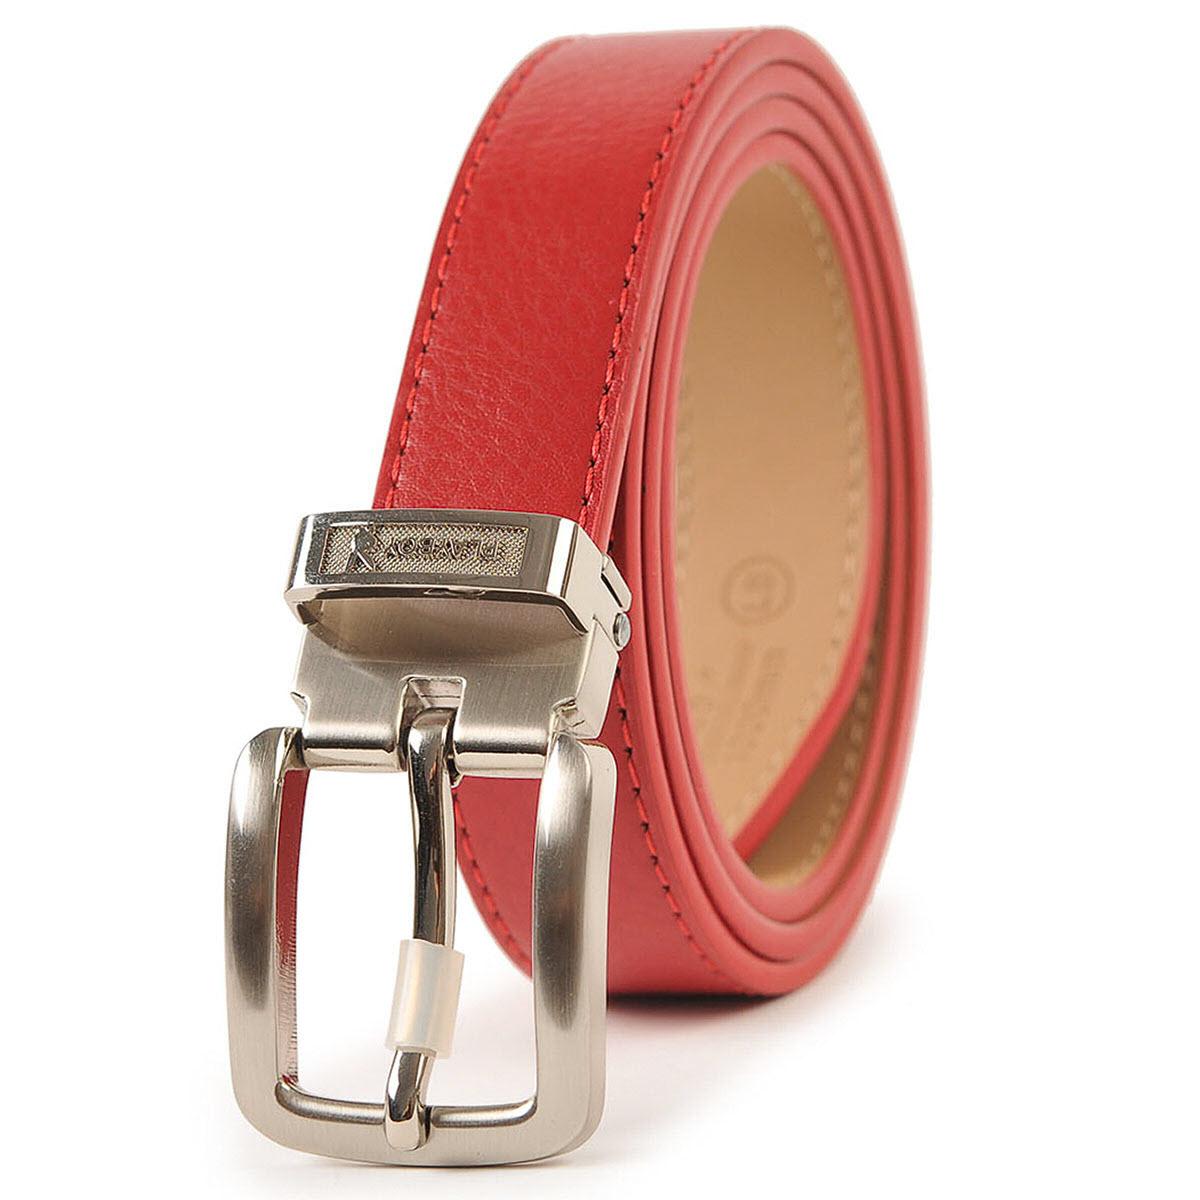 PLAYBOY 真皮針扣皮帶 [A14-017]|女腰帶|紅色|橘子包舖